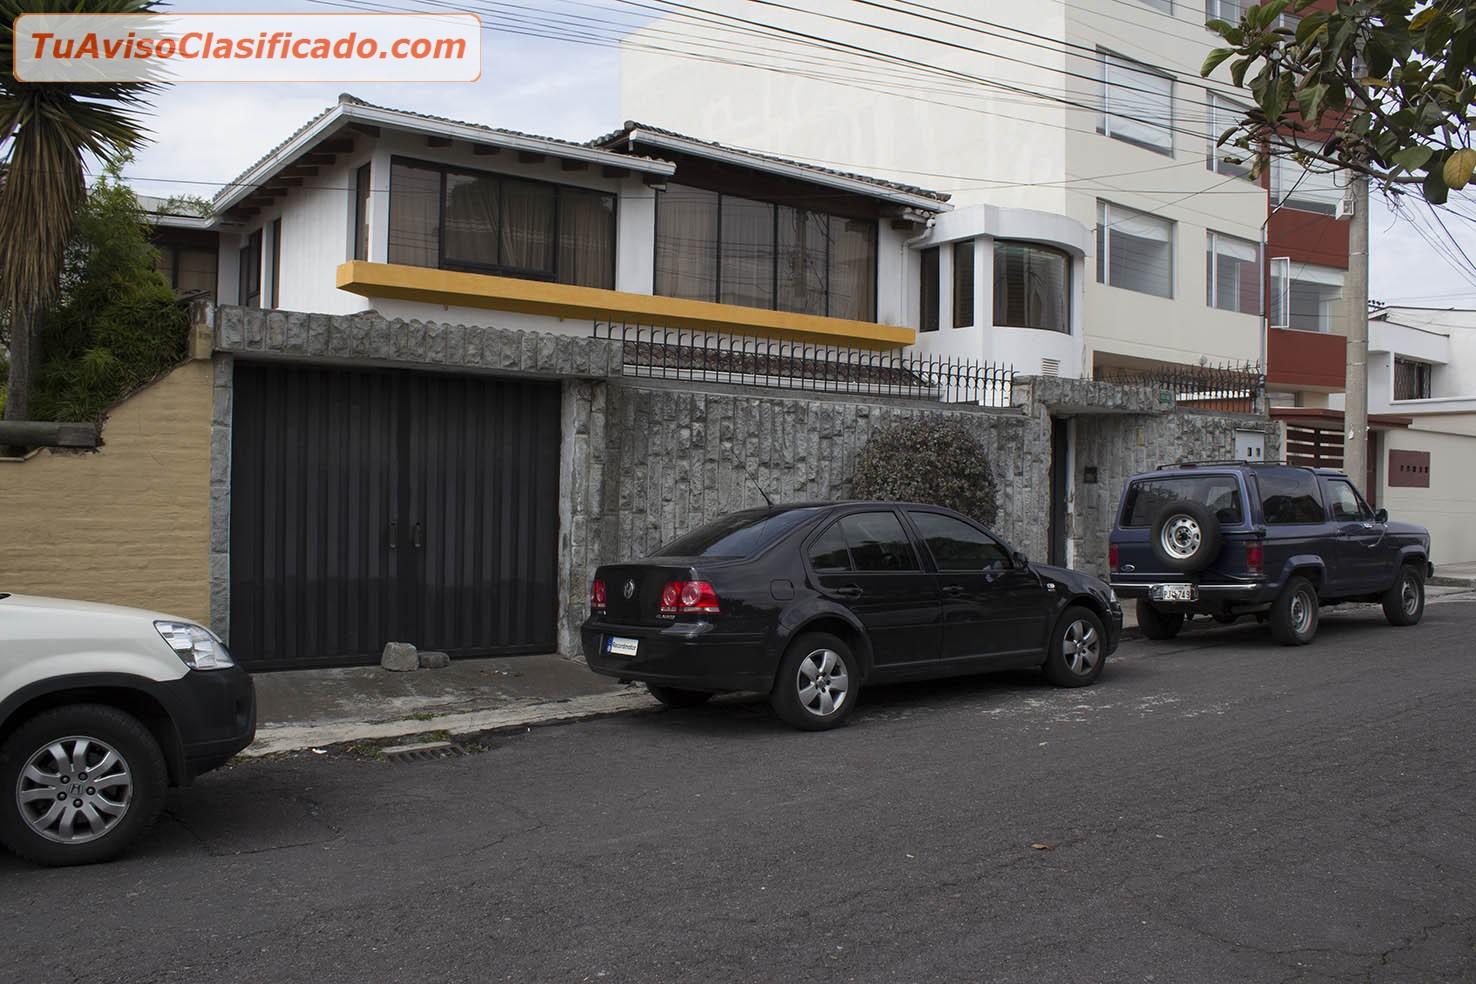 Habitaci n de inmuebles y propiedades en for Habitacion familiar en alquiler